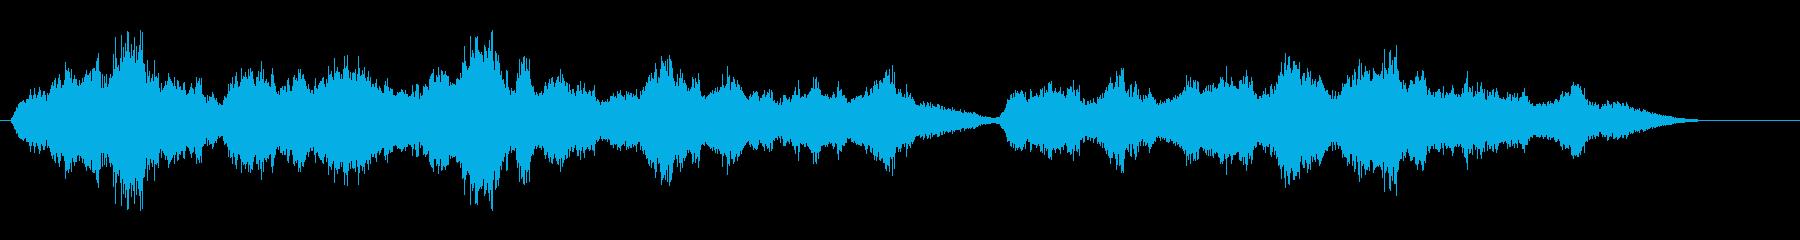 マスカーニのカヴァレリア・ルスティカーナの再生済みの波形